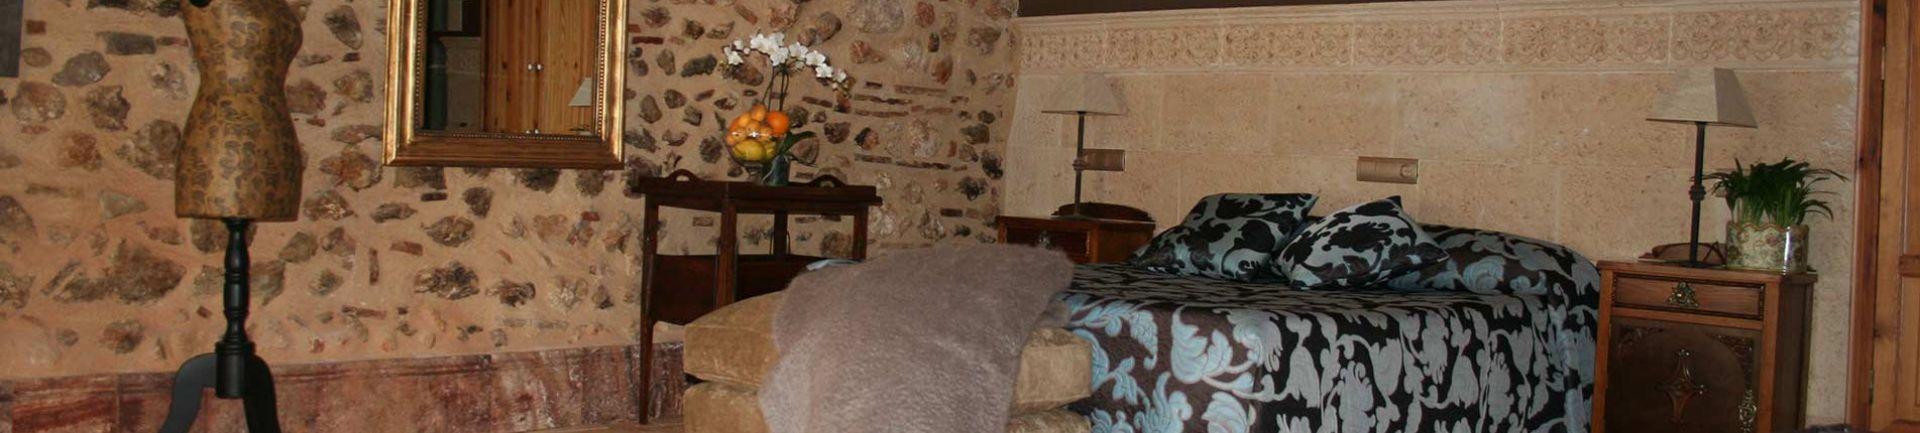 casababel-hotel-con-encanto-03